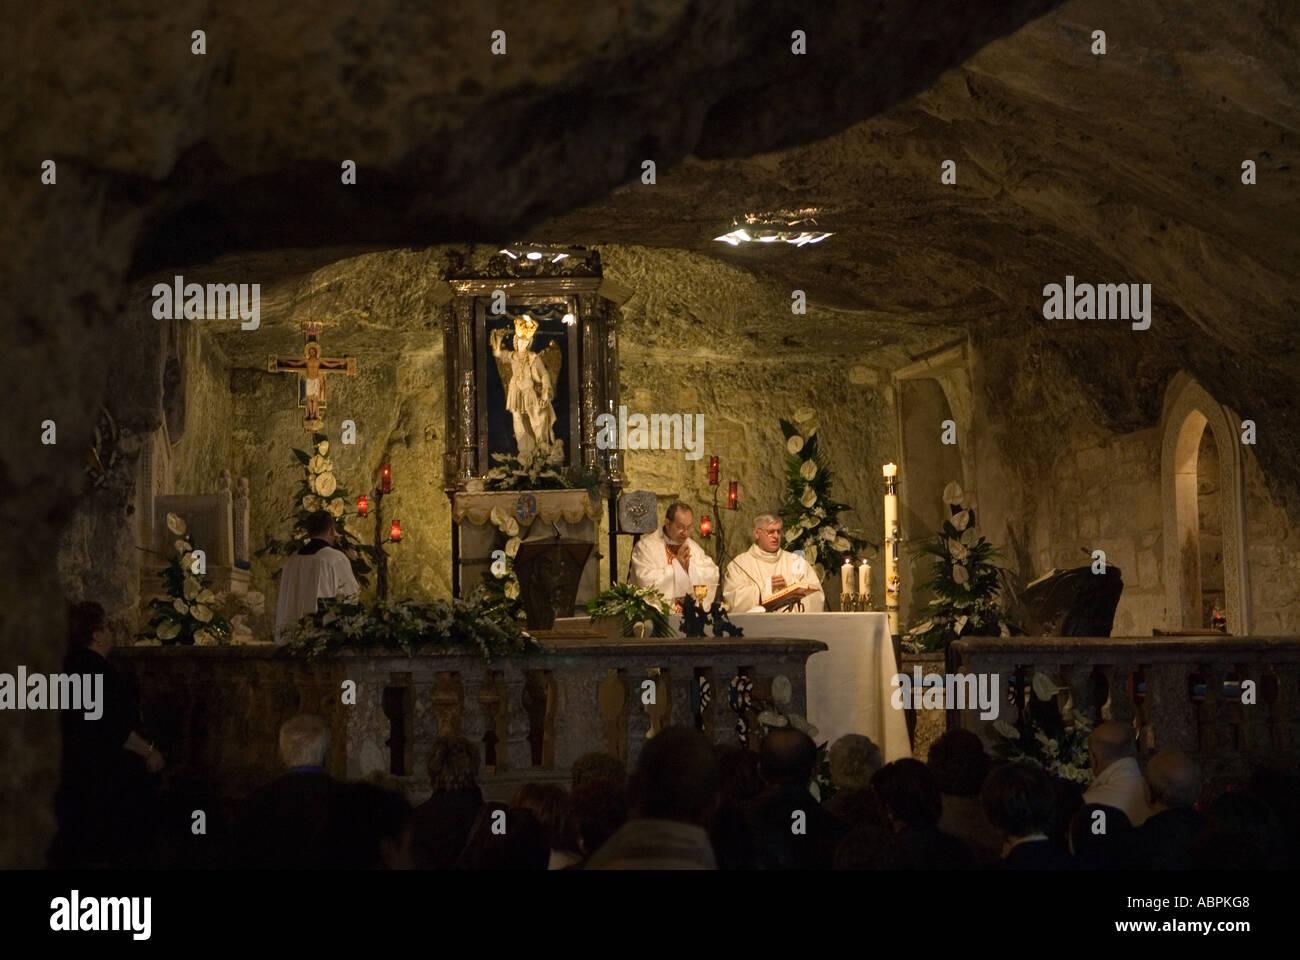 Un service dans le Santuario di San Michele Arcangelo. Monte Sant'Angelo Pouilles, Italie du Sud 2006. Photo Stock